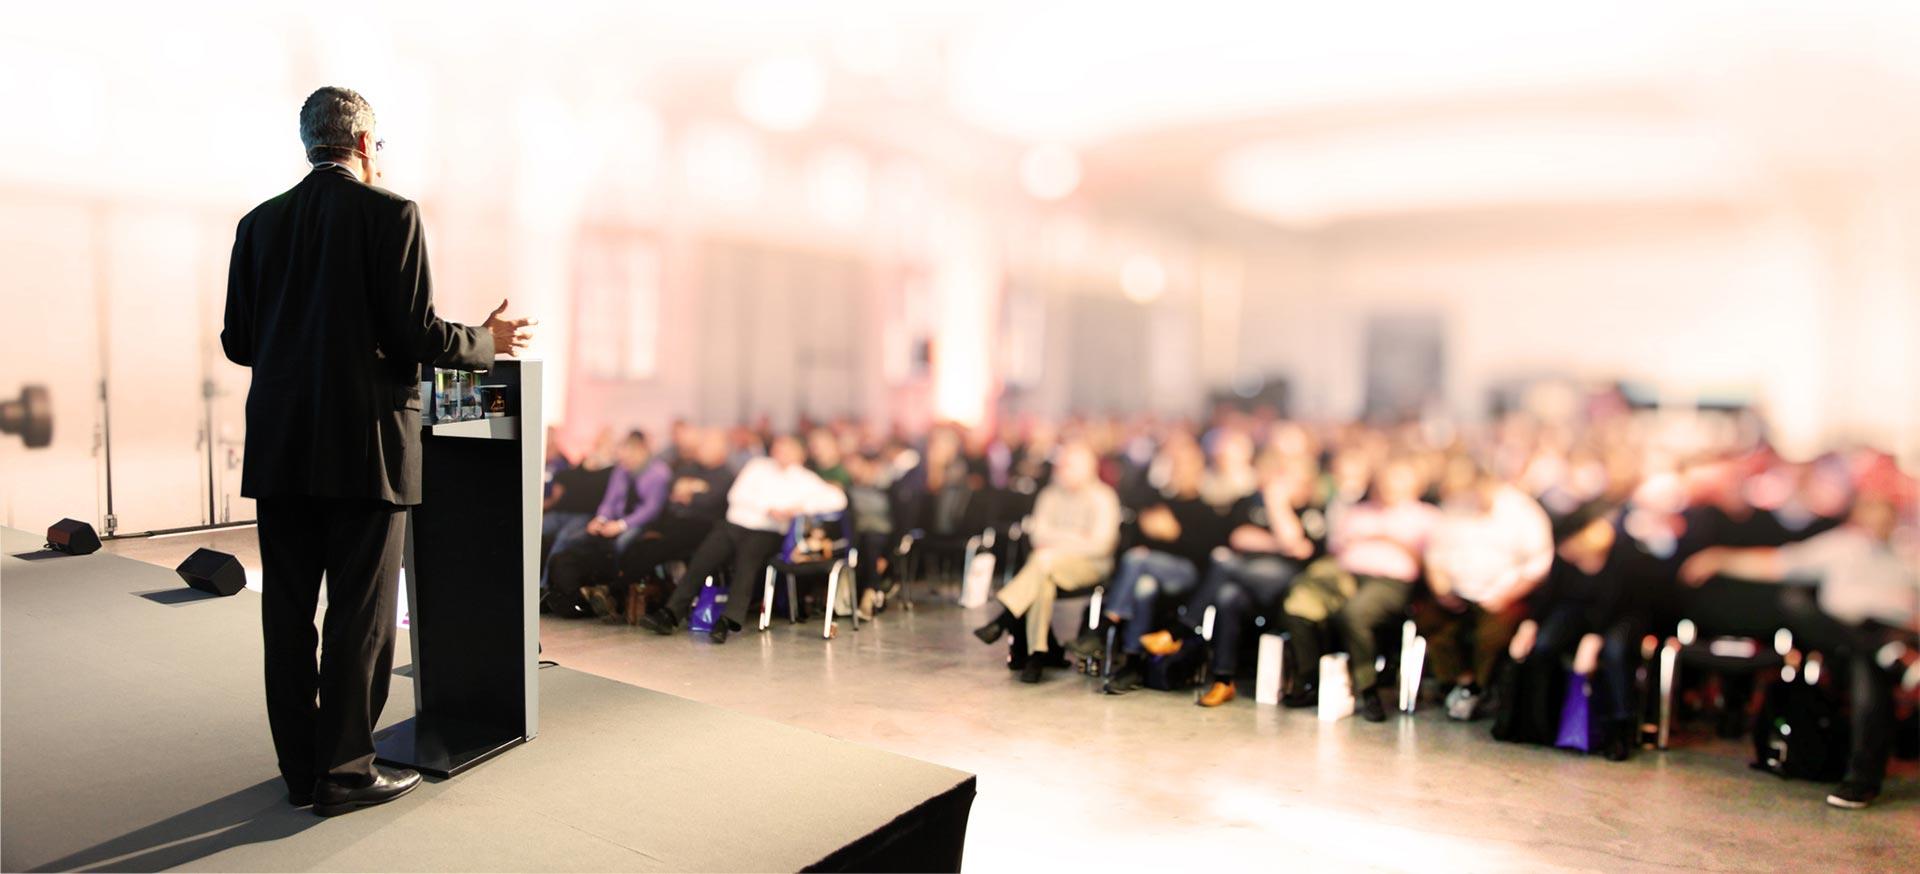 promozione-eventi-ibcard